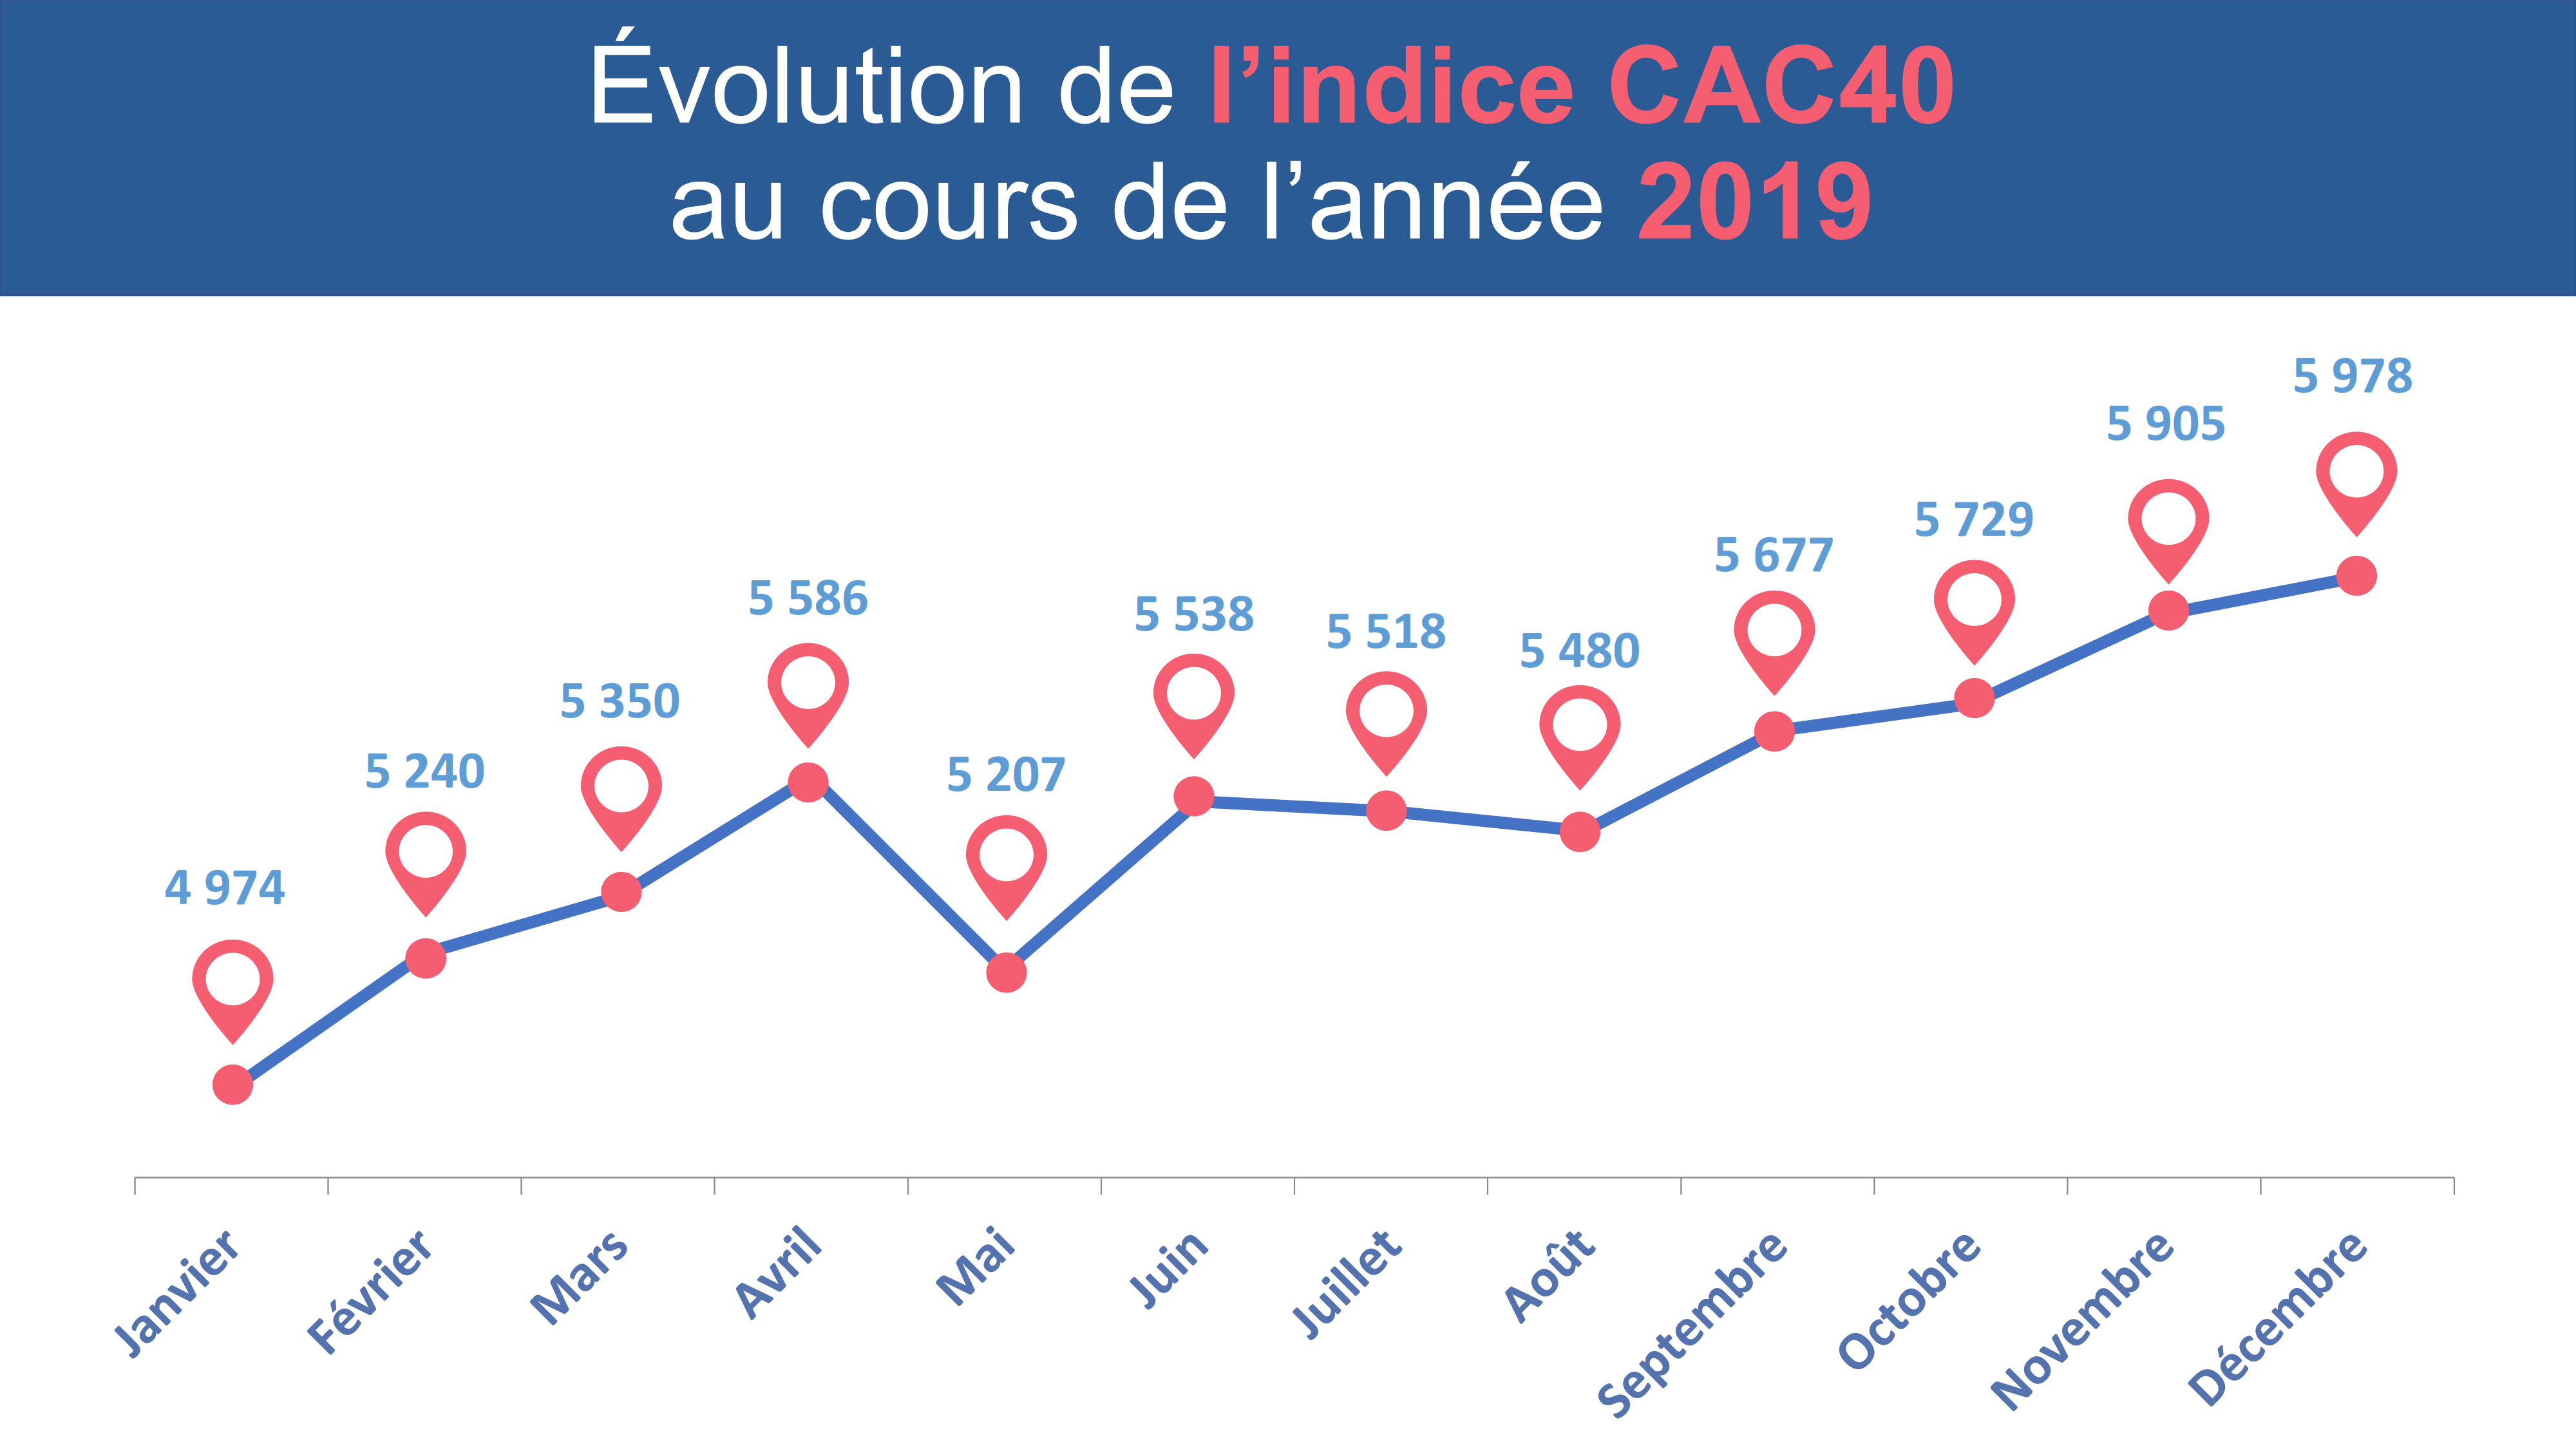 Évolution de l'indice CAC40 sur l'année 2019